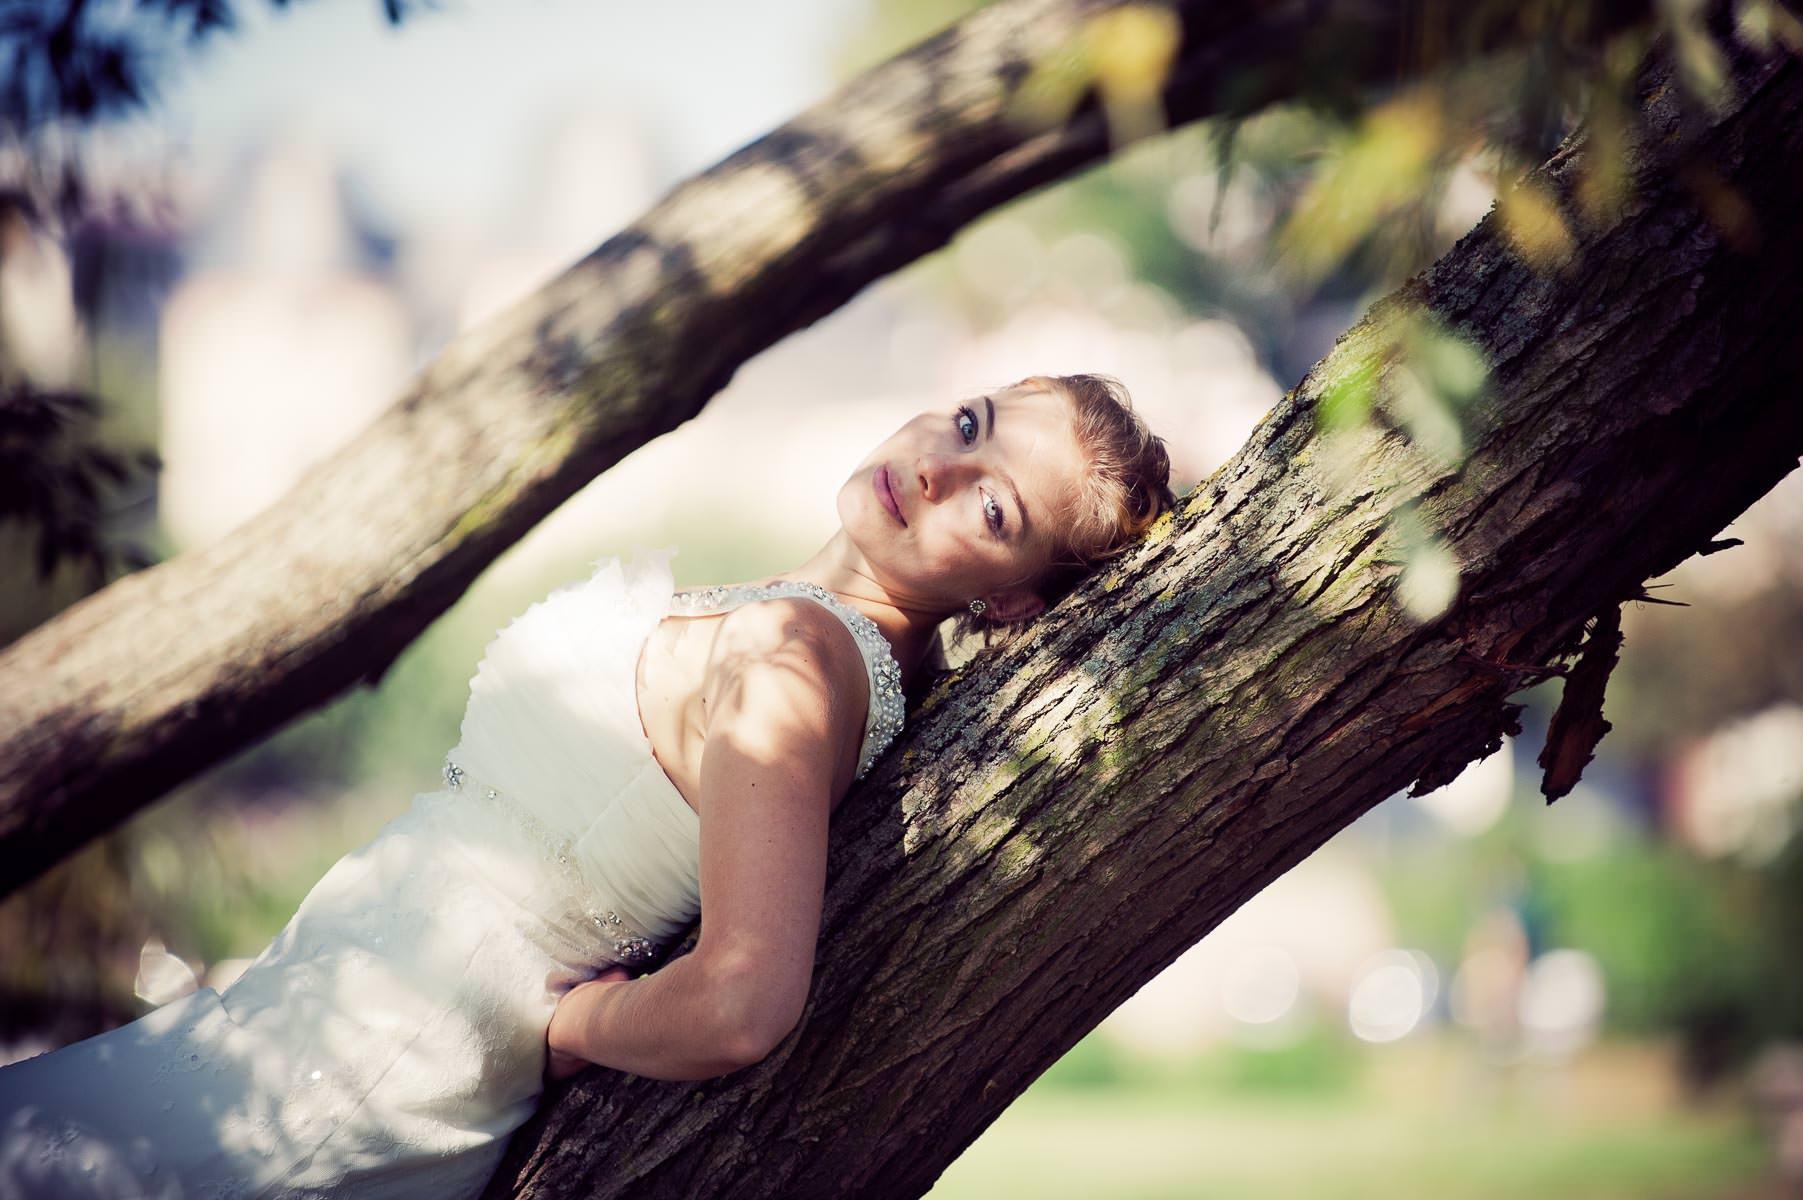 die Braut liegt auf dem Baumstamm